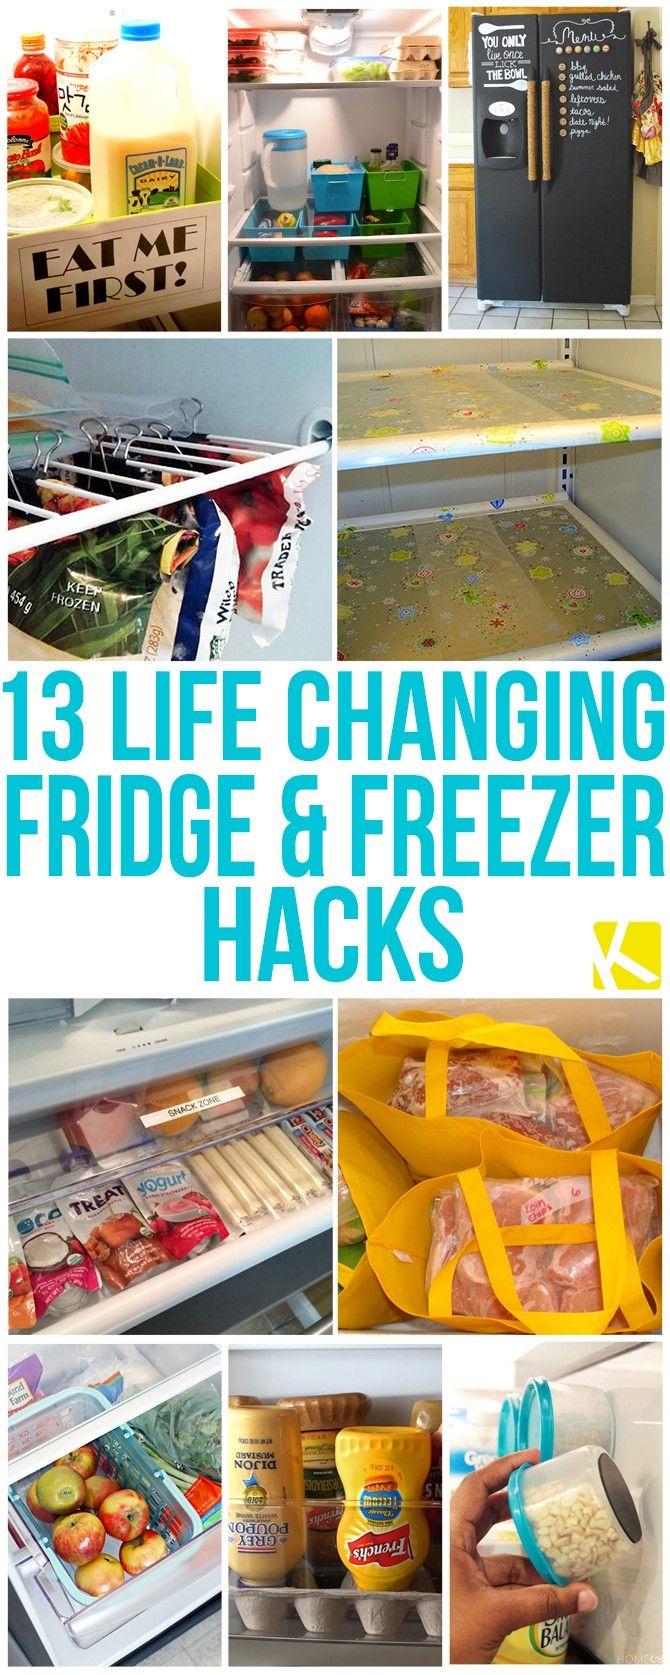 A voir, mais j'aime bien cette idée de frigo passé à la peinture ardoise.